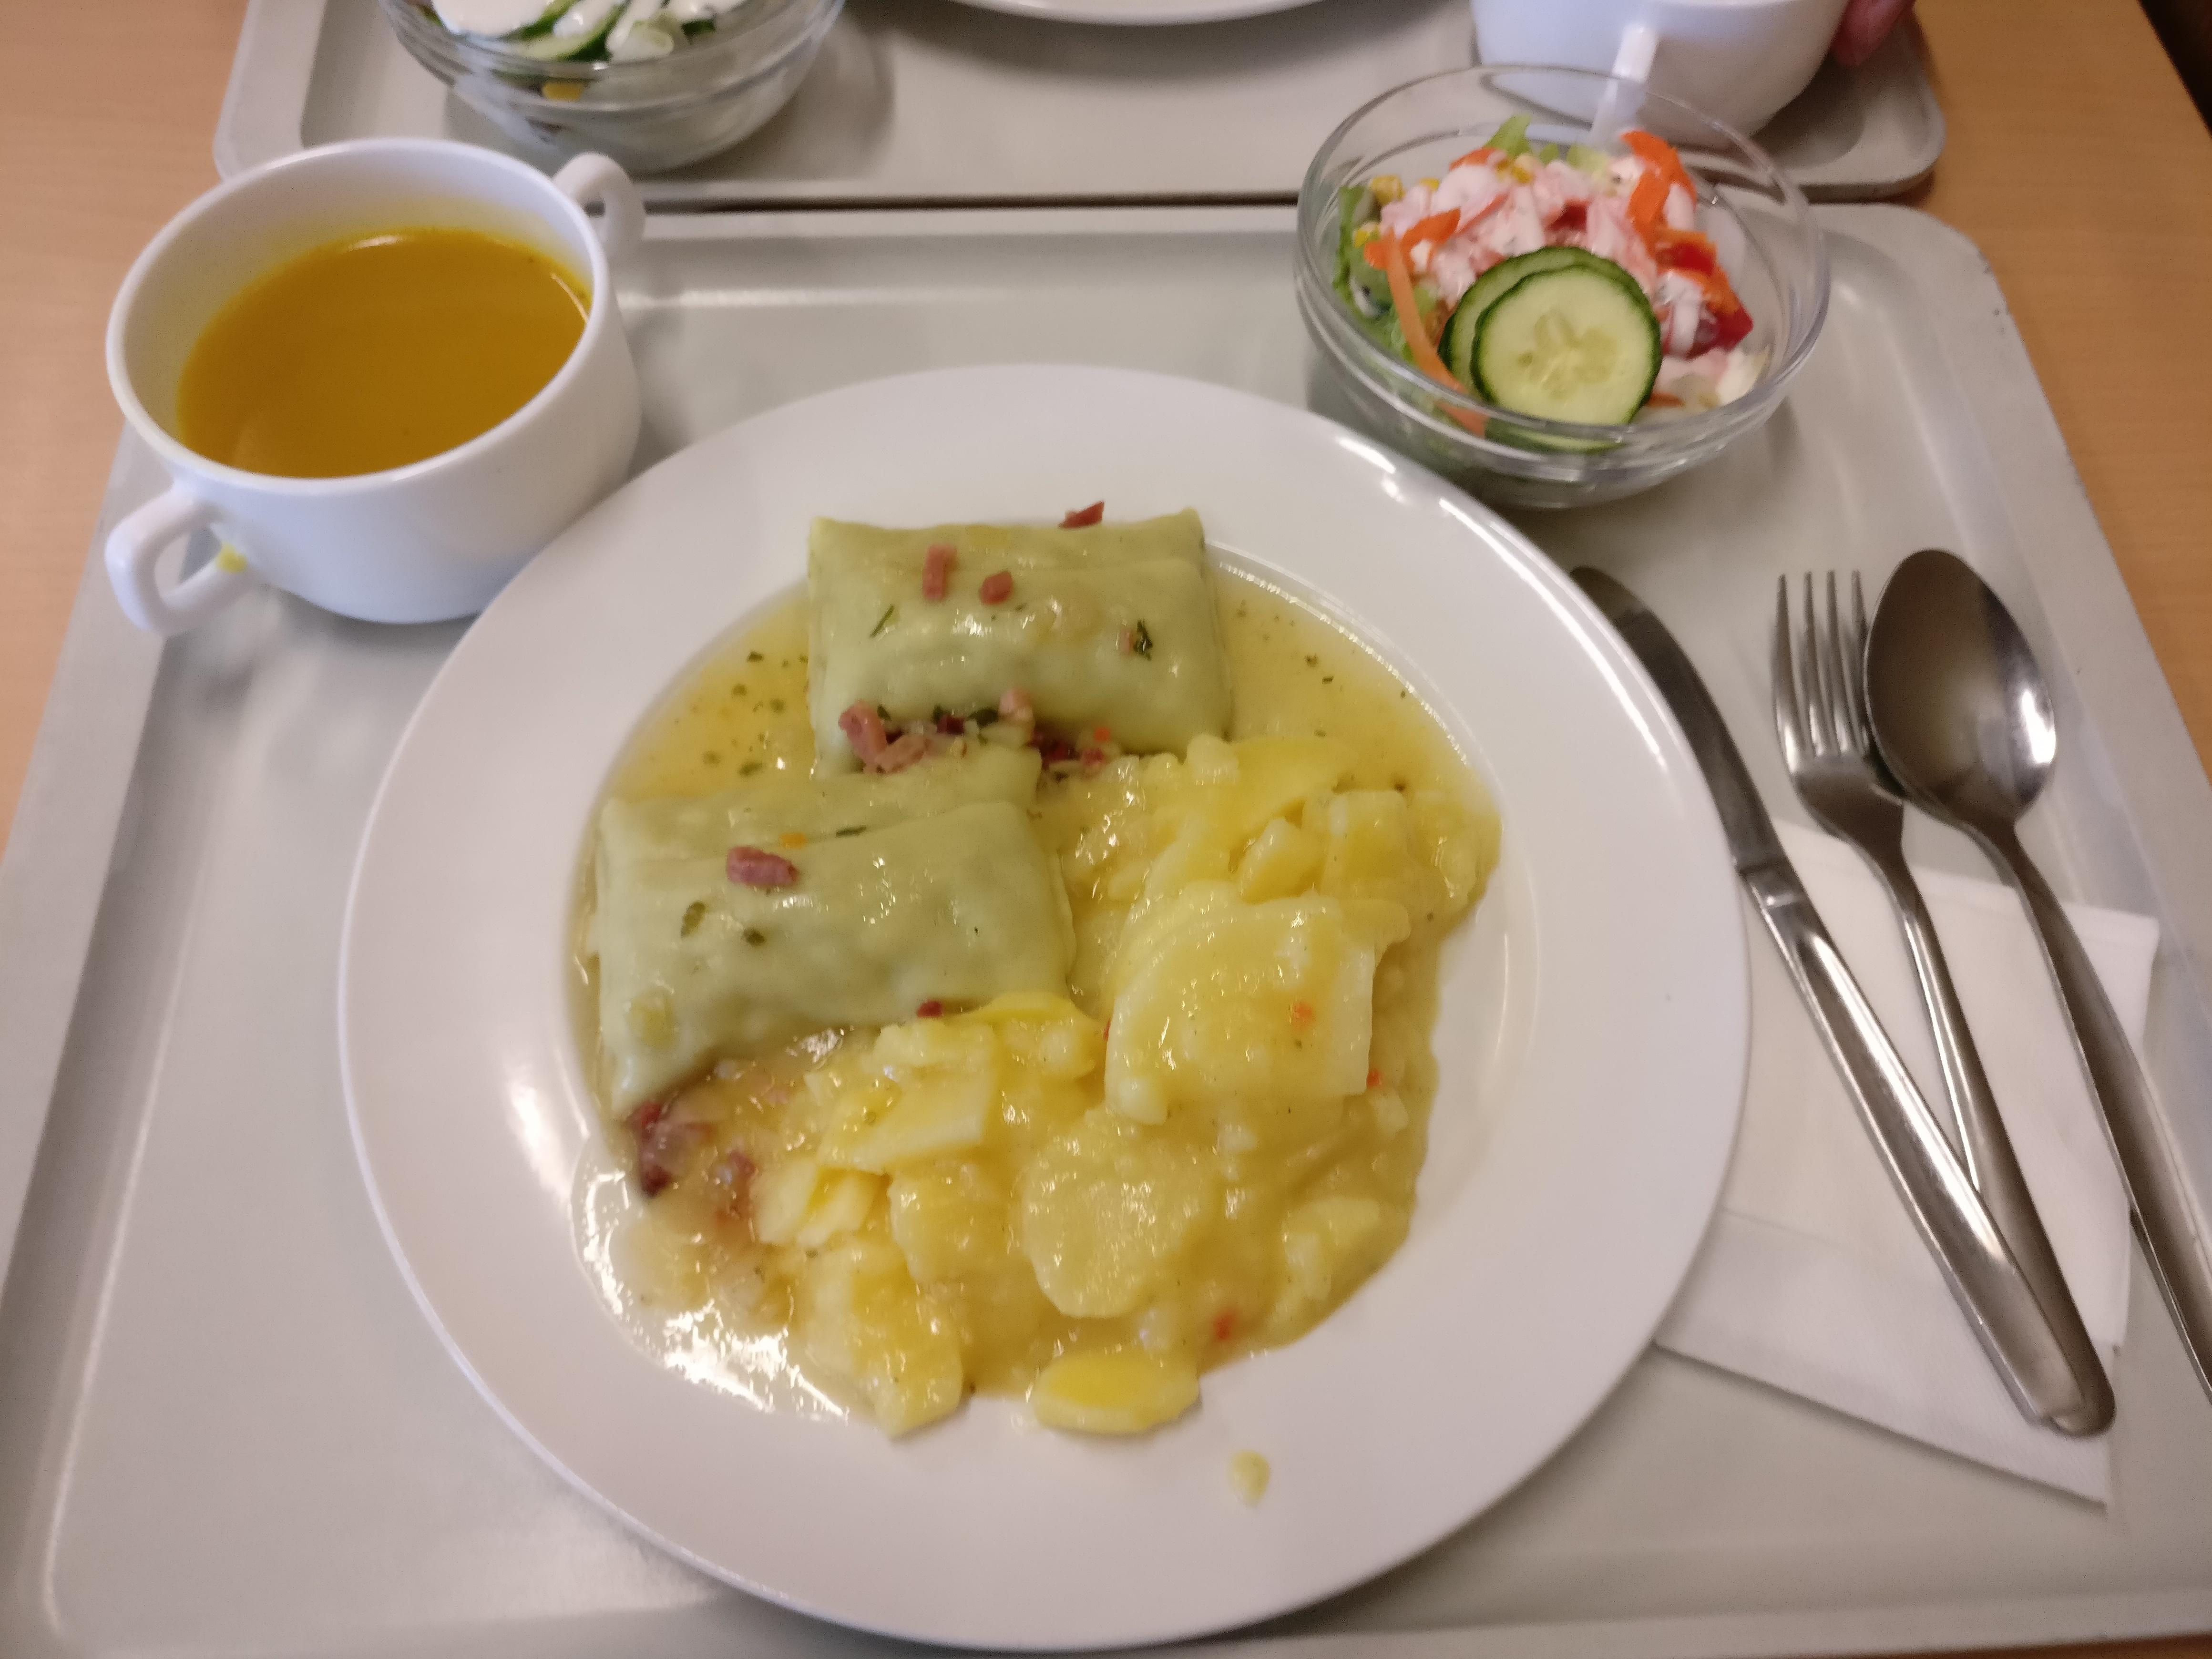 http://foodloader.net/nico_2017-07-05_maultaschen-mit-kartoffelsalat-suppe-und-salat.jpg